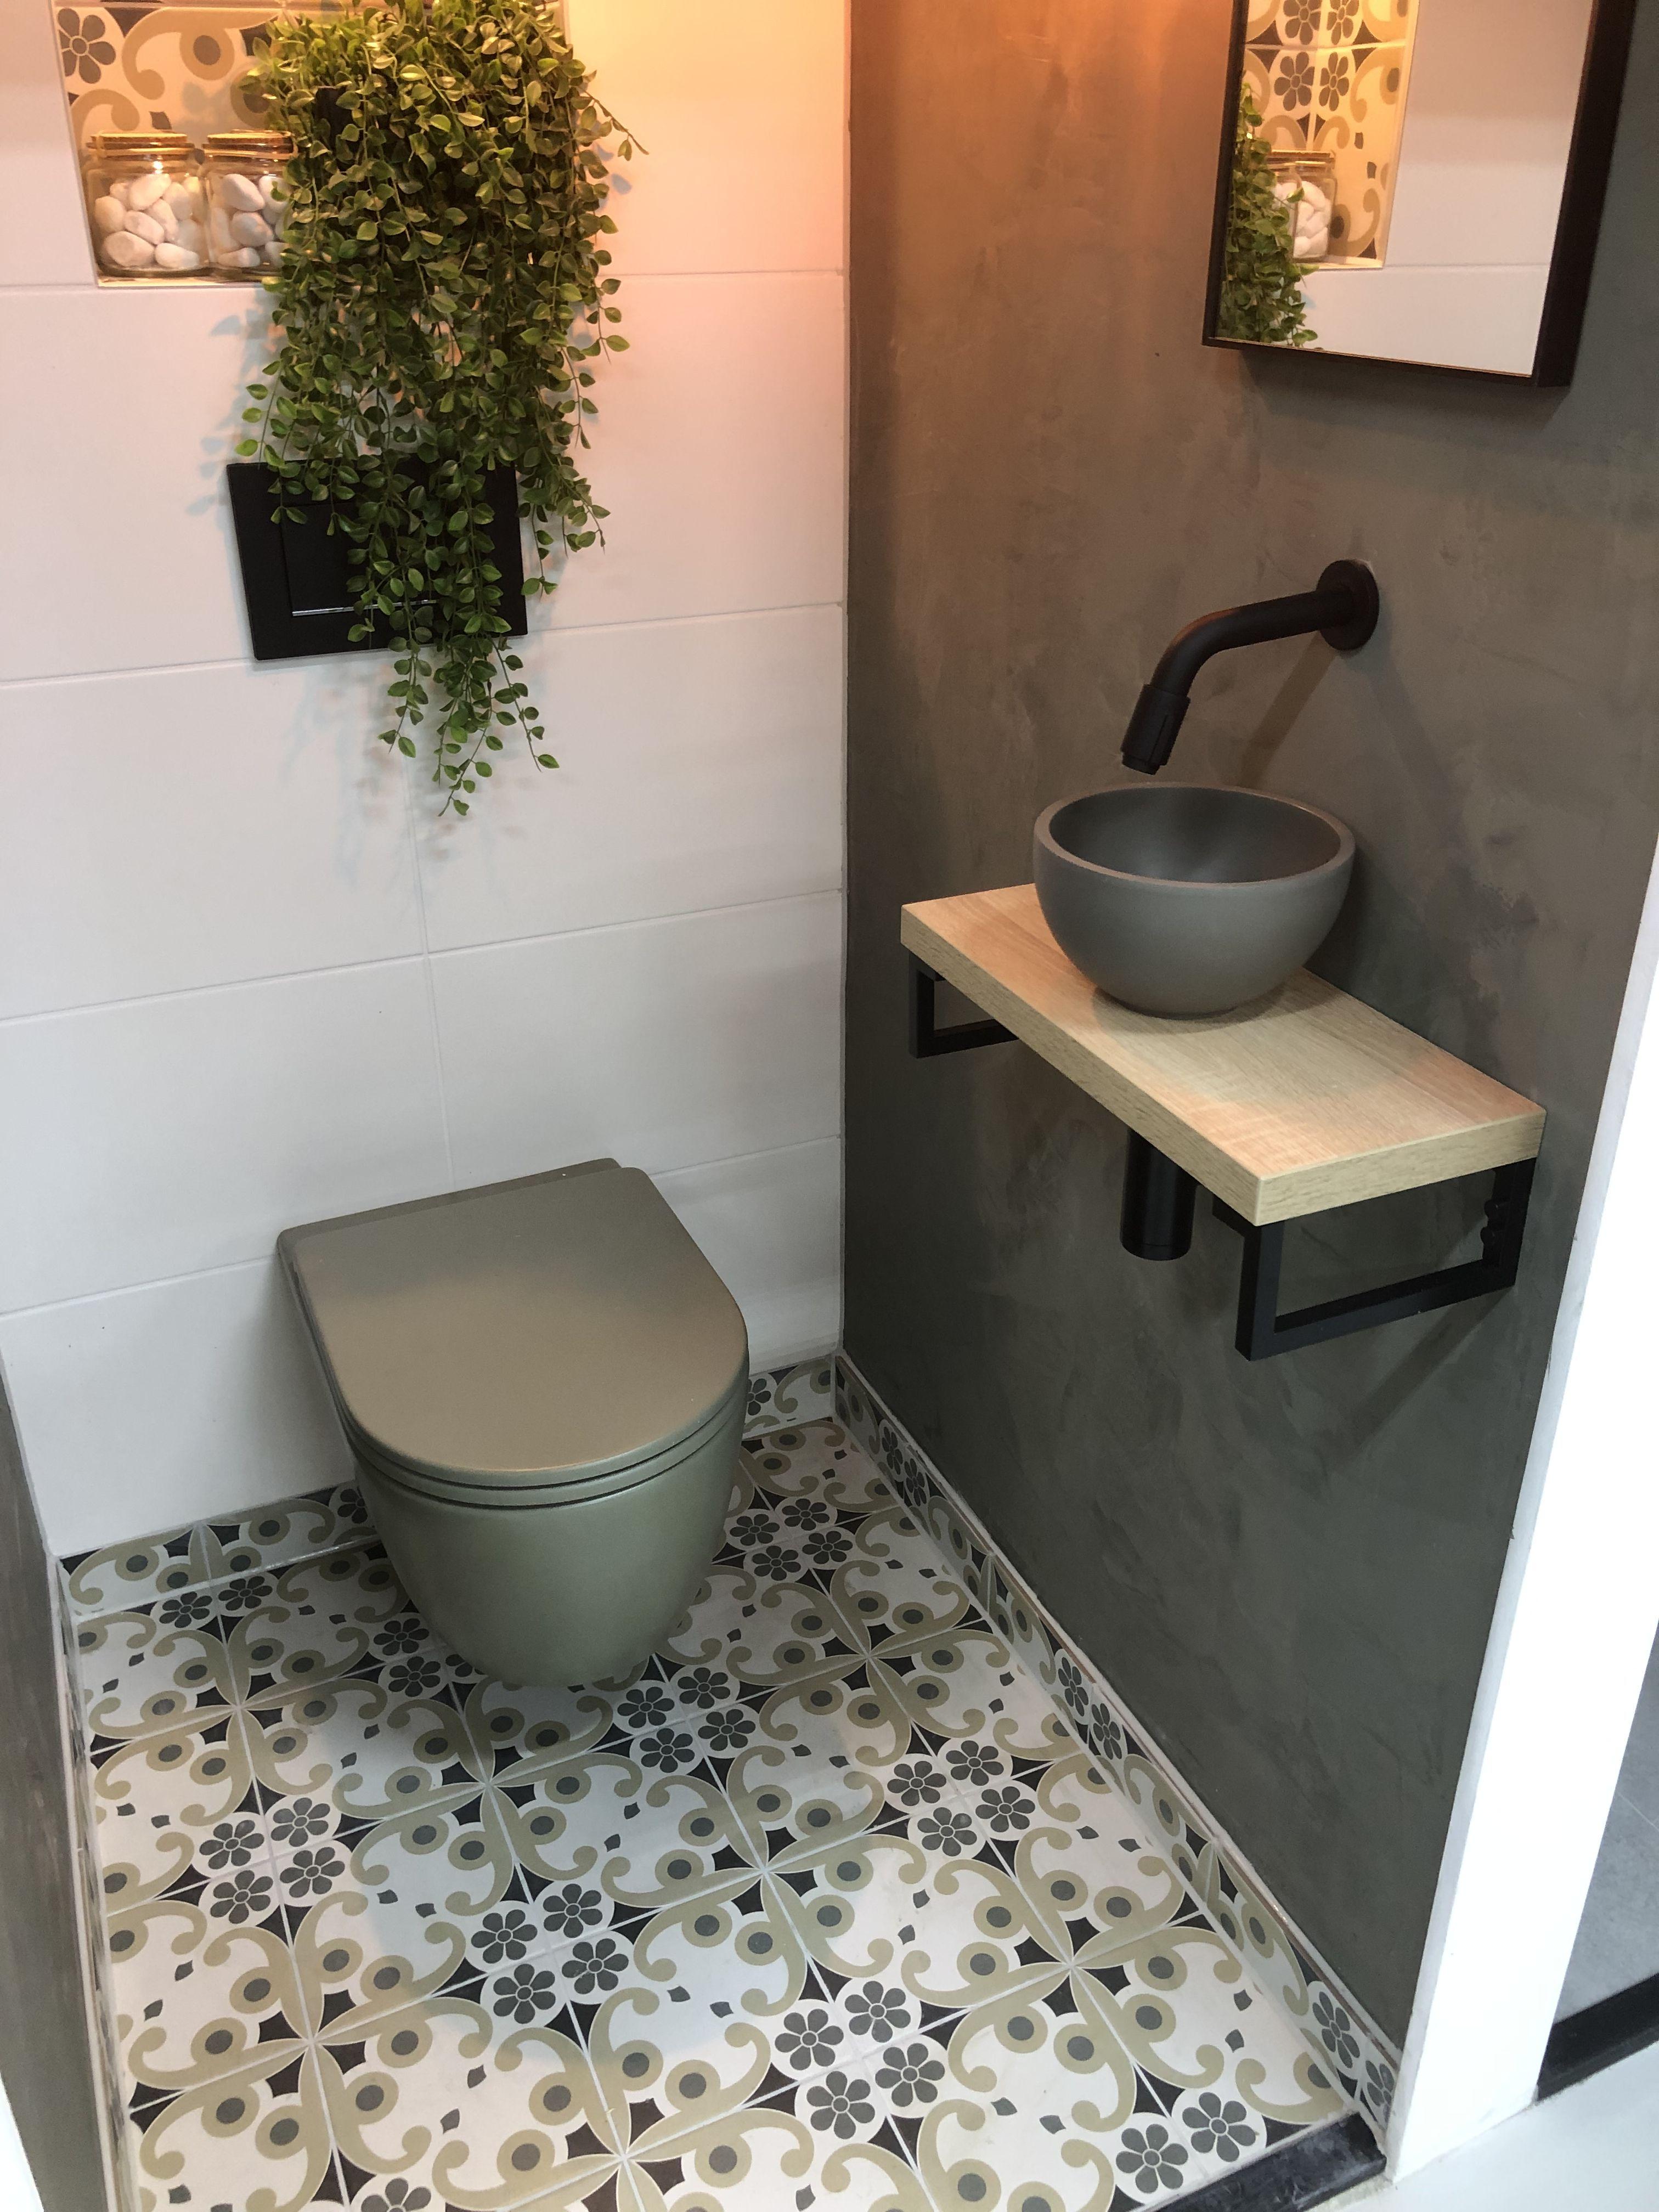 Toilet Groen Toilet Ontwerp Badkamerdecoratie Kleine Badkamer Decoreren